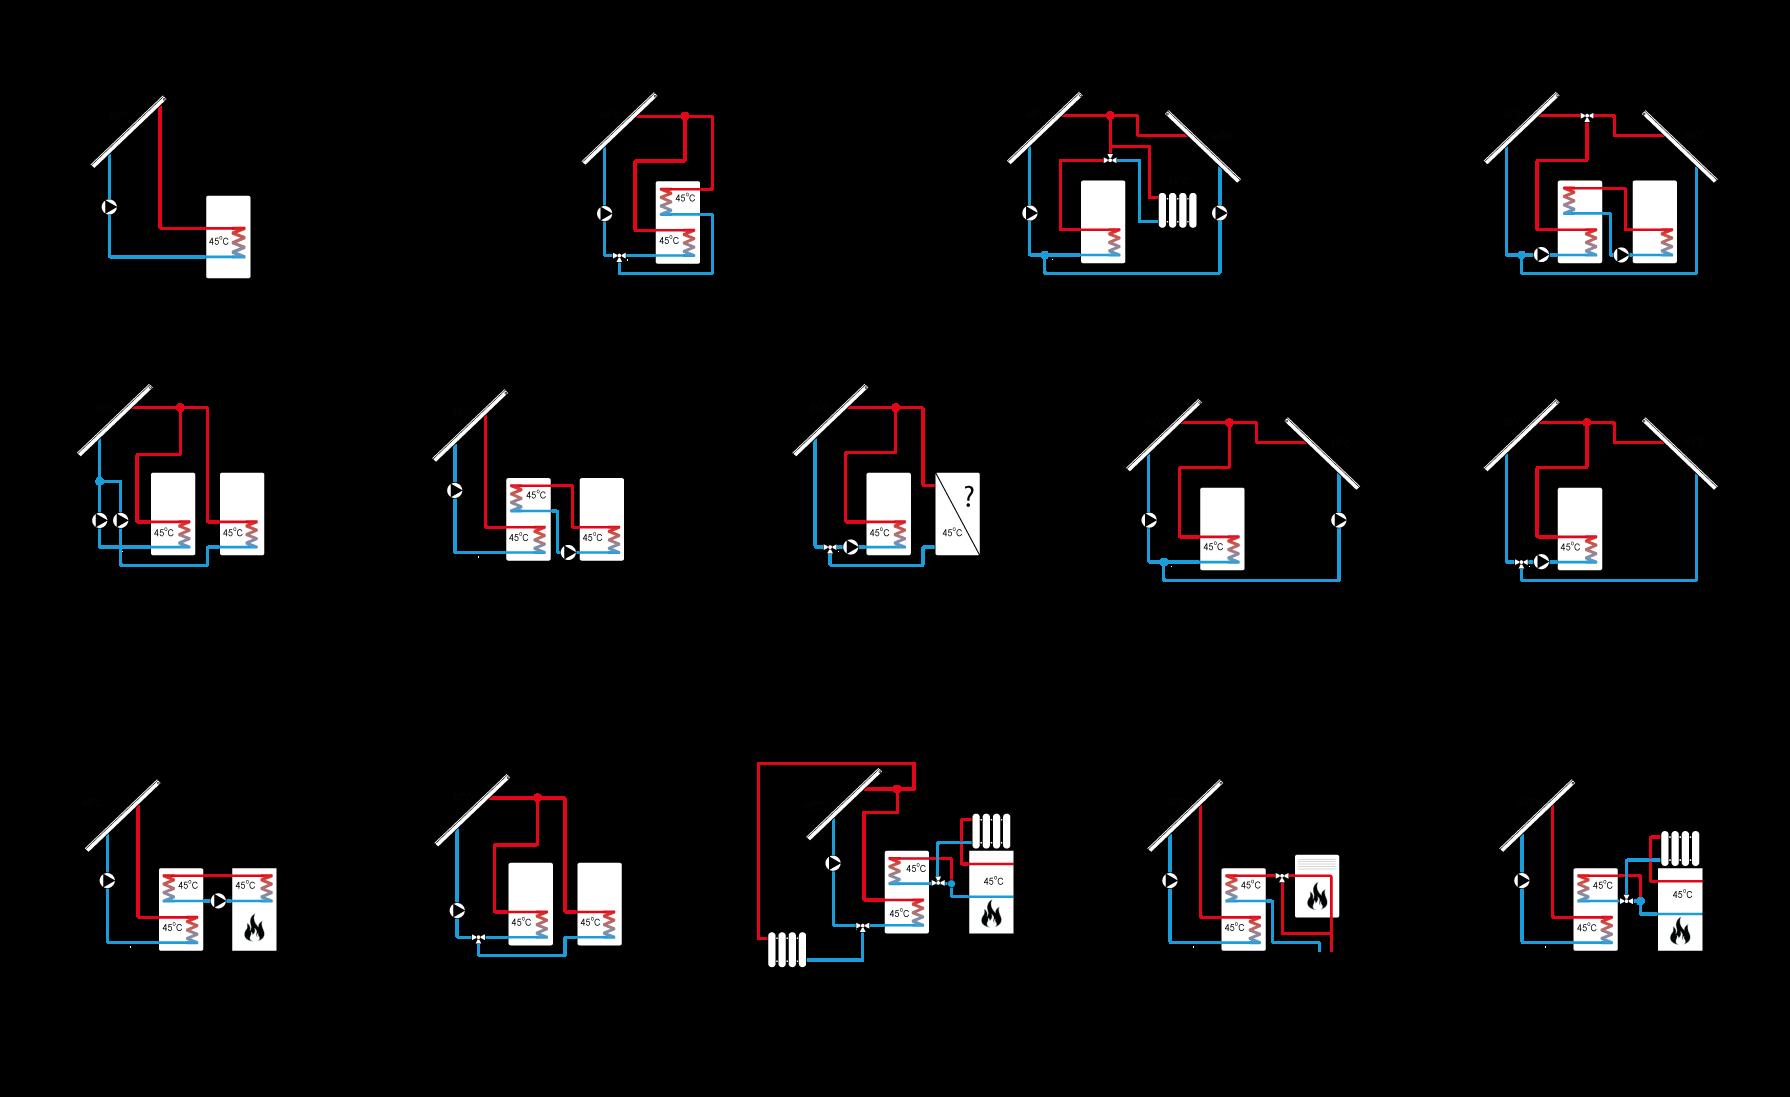 Schematy instalacji, którymi można zarządzać z poziomu sterownika ST-402N